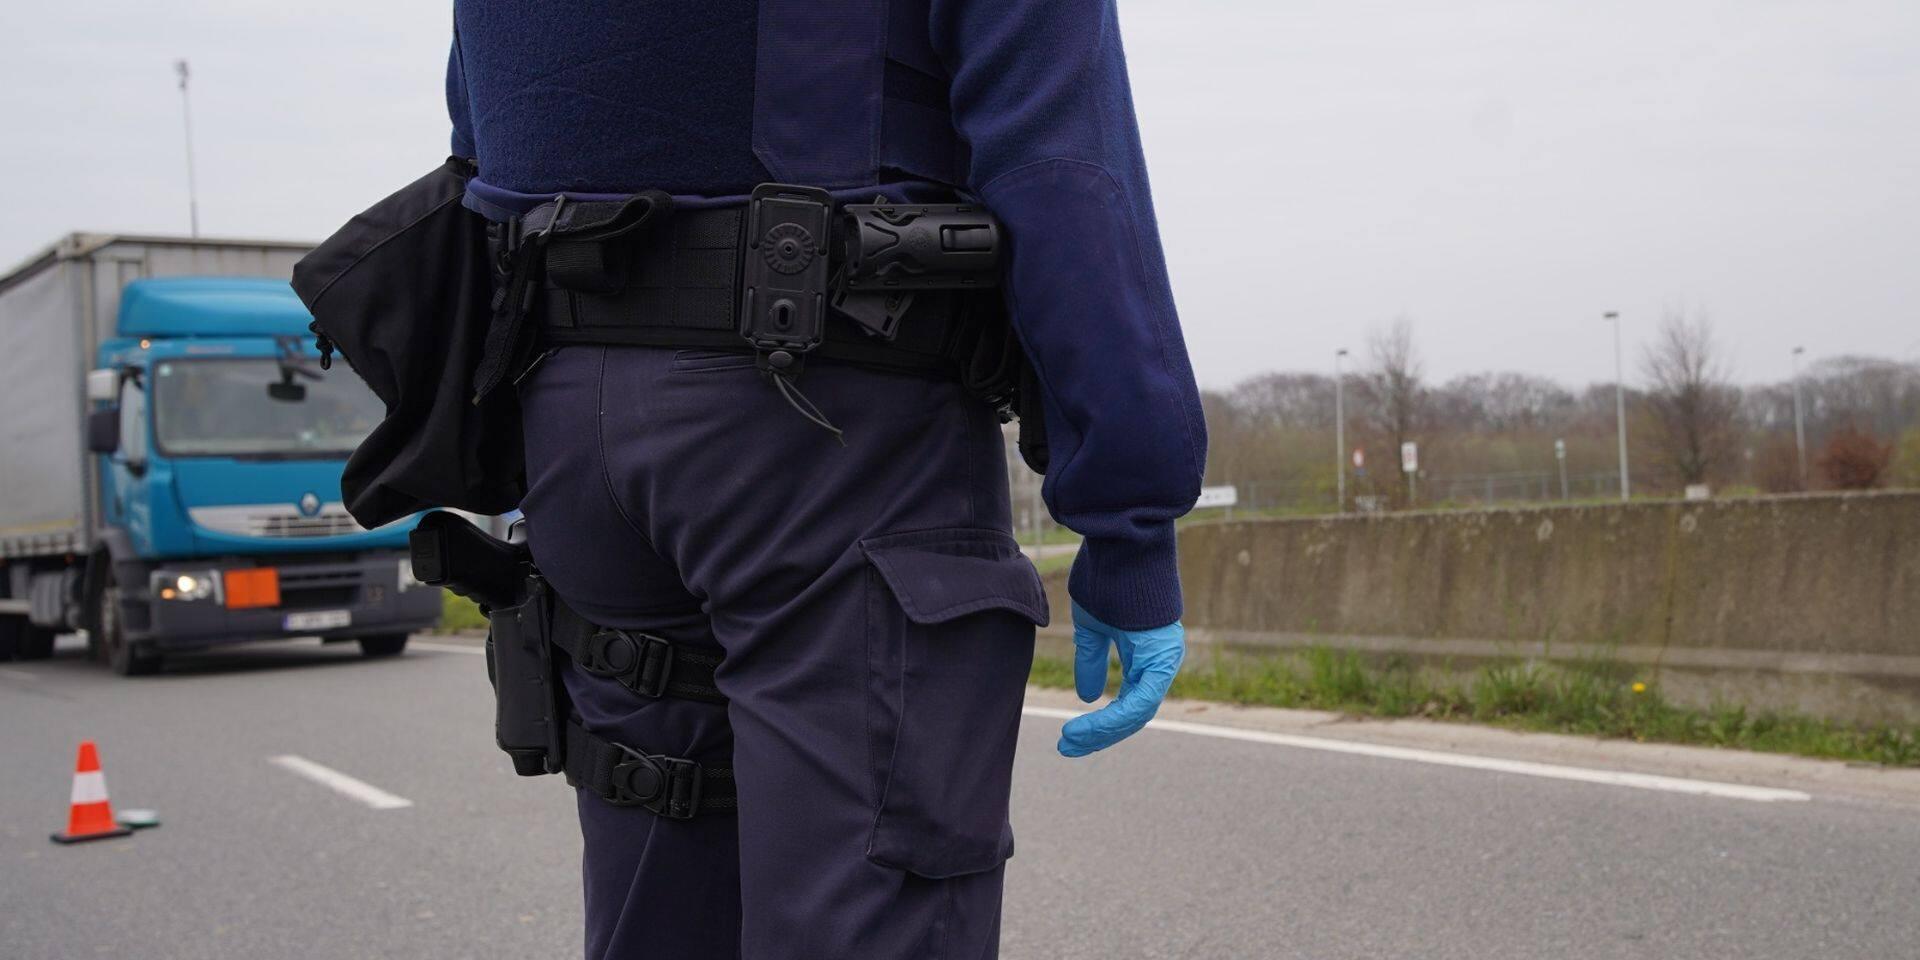 Non-respect des règles de confinement: la police de Waterloo dresse cinq P.-V. de 250 euros à des jeunes filles